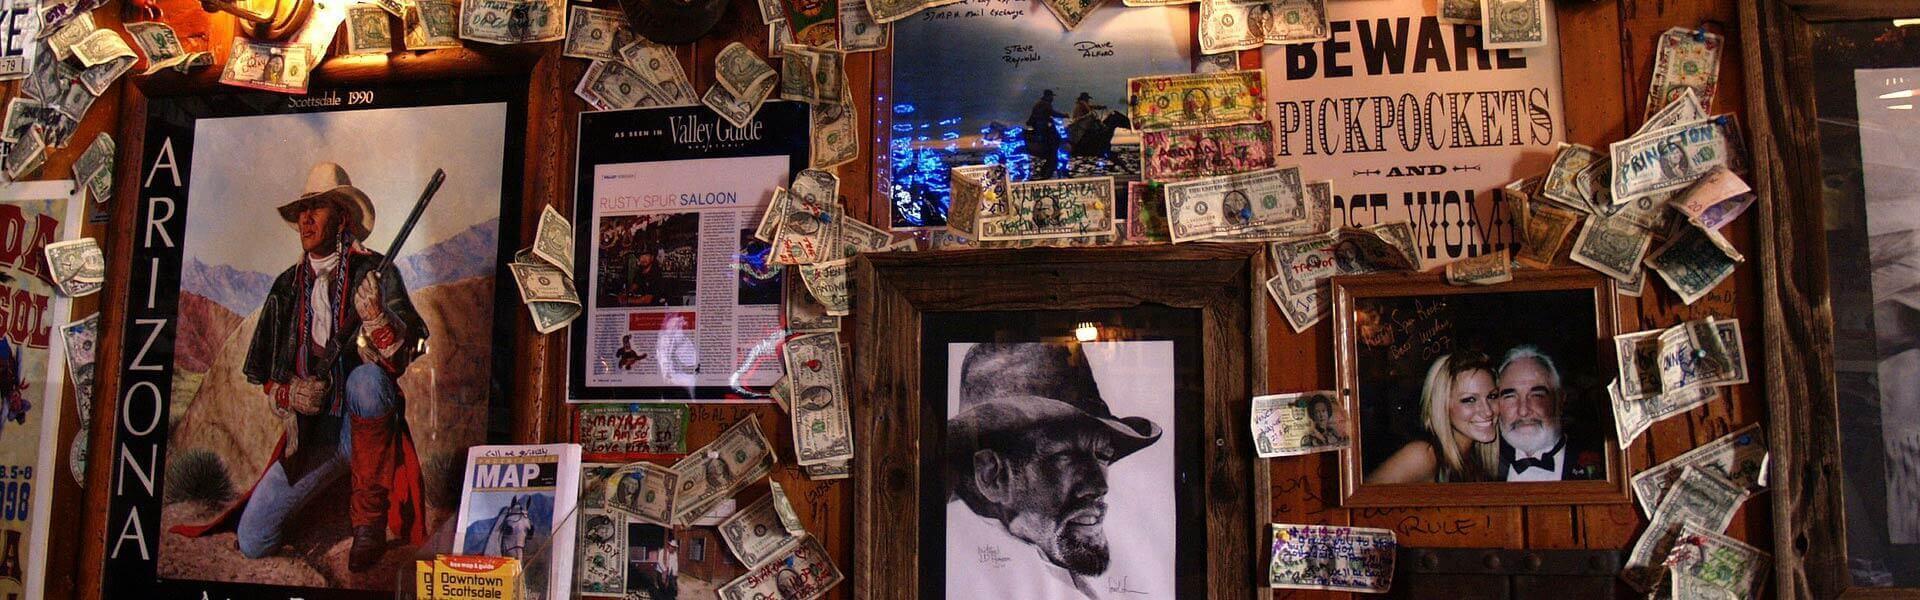 Western Saloon als Location für die Wild West Christmas Party Weihnachtsfeier b-ceed